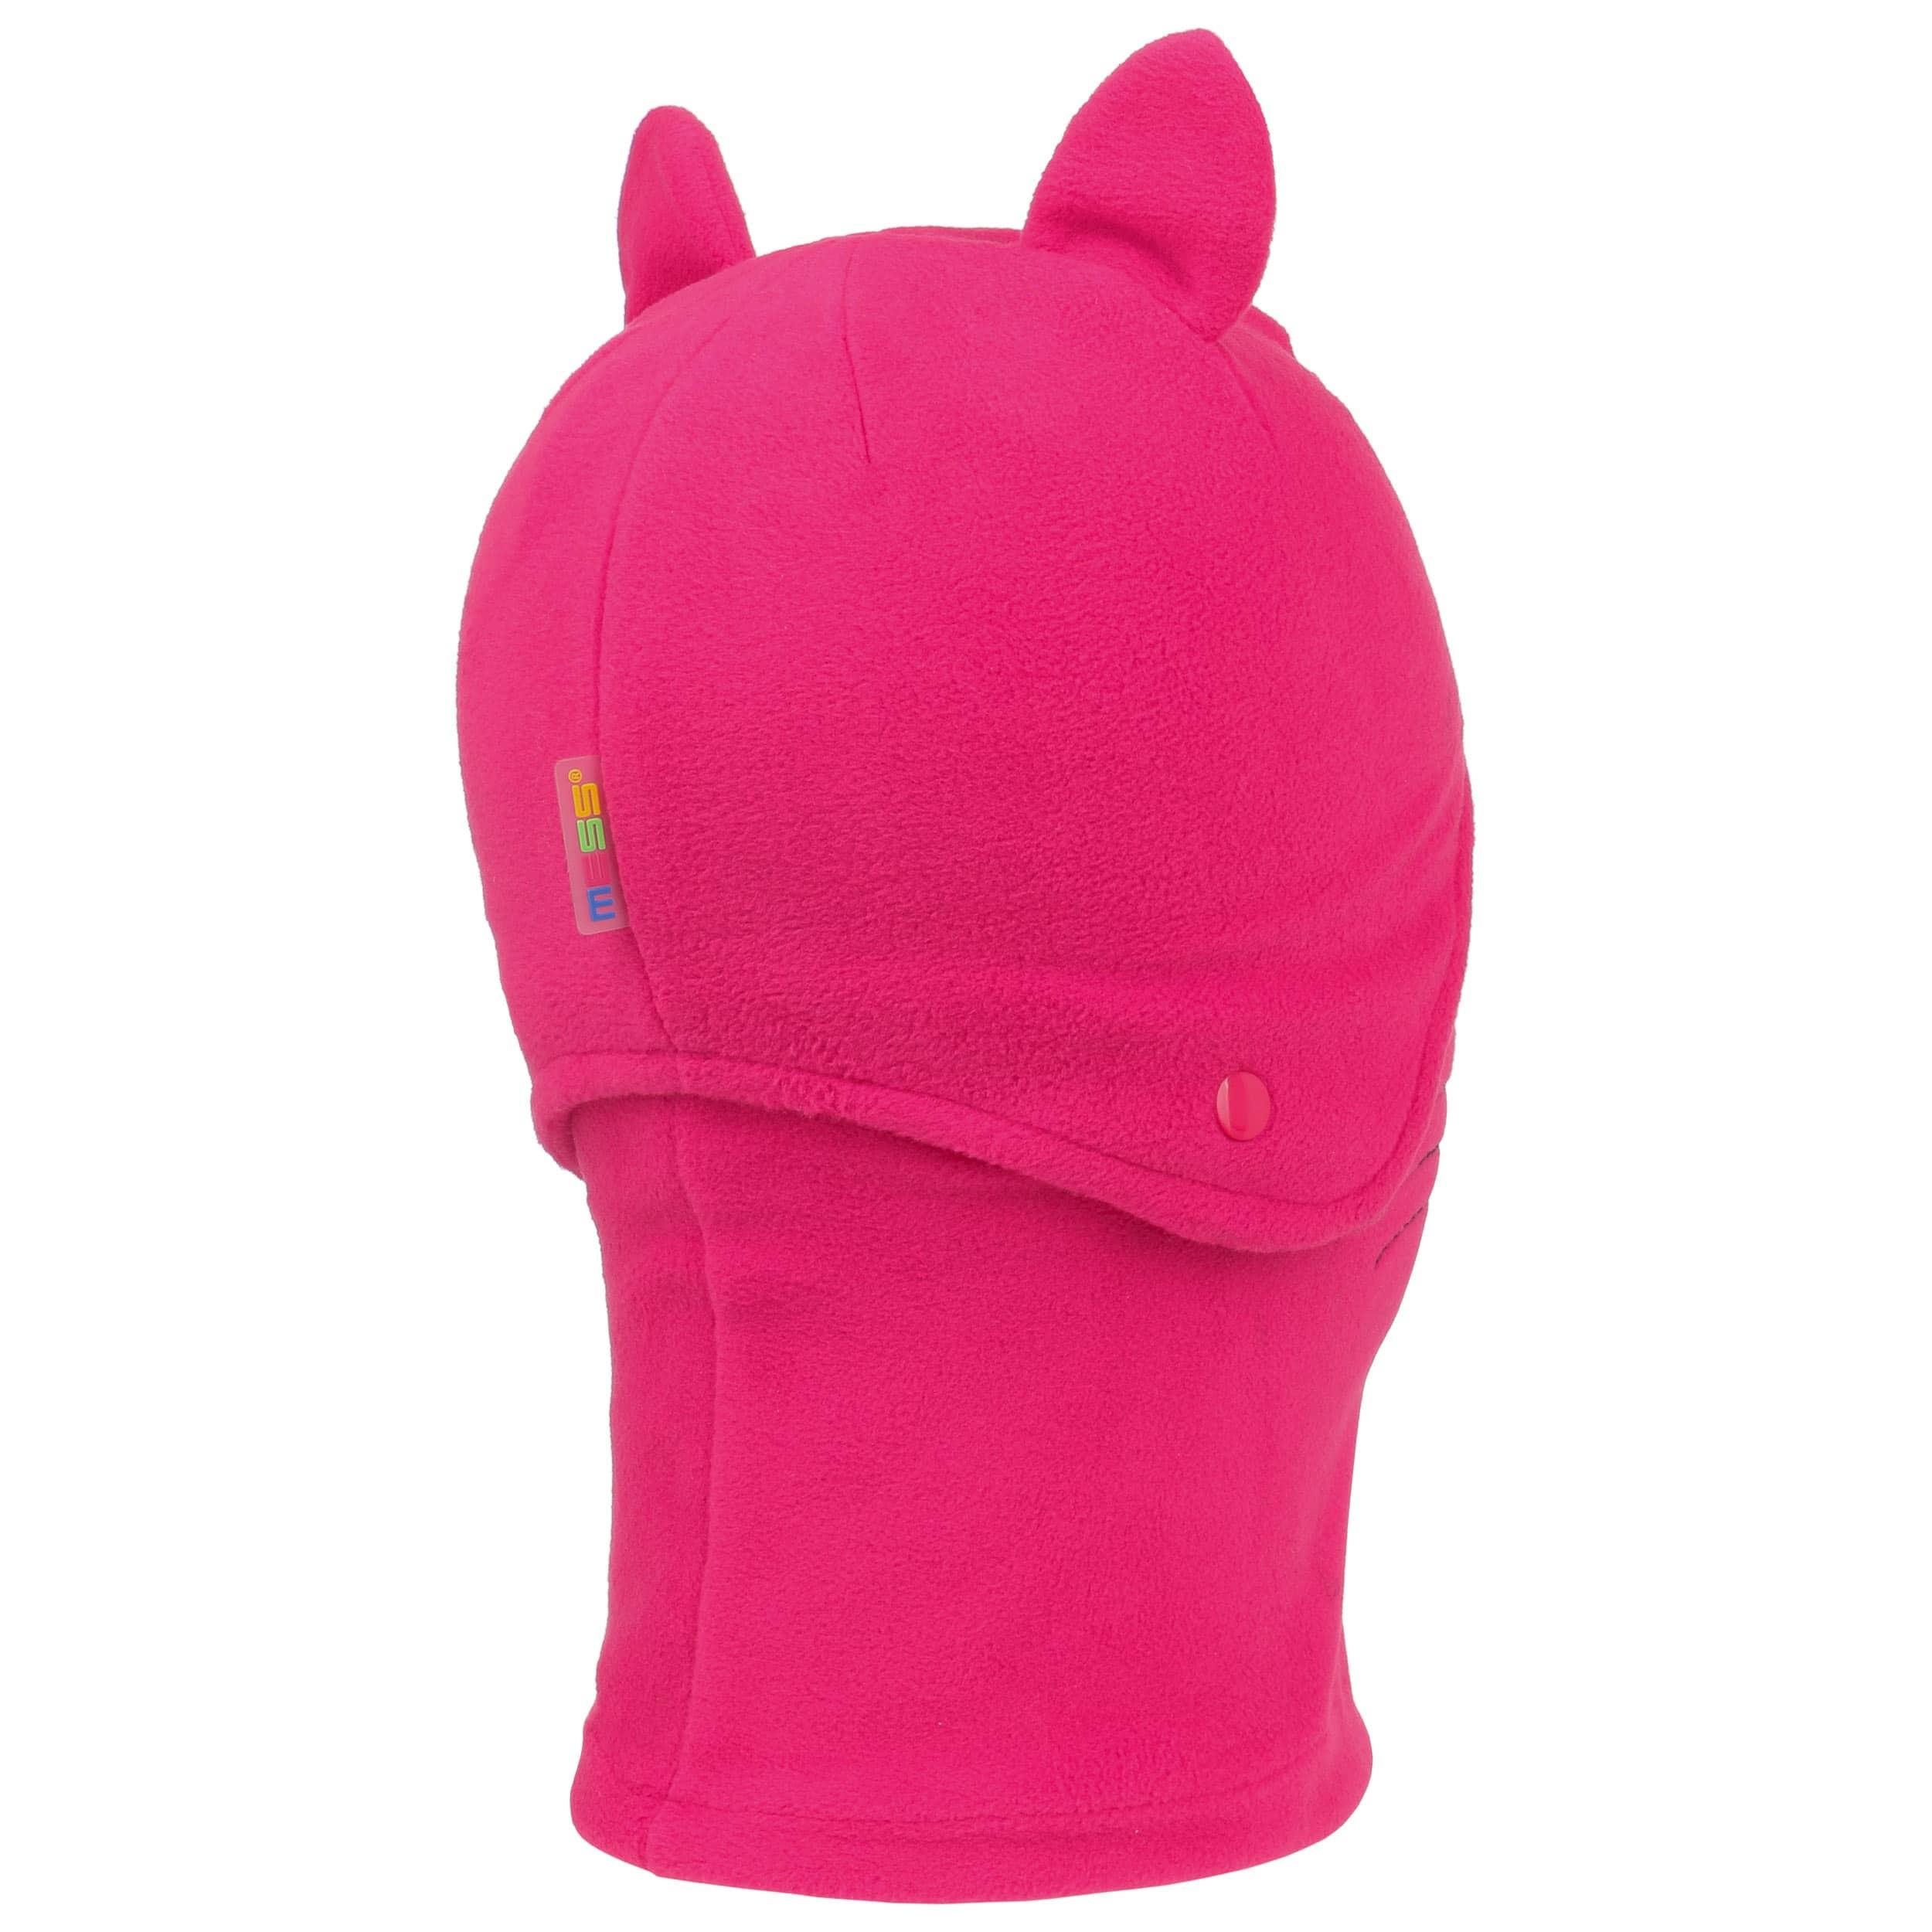 4af72c1963278 ... Bonnet pour Enfant et Écharpe Tube Catty - pink 3 ...